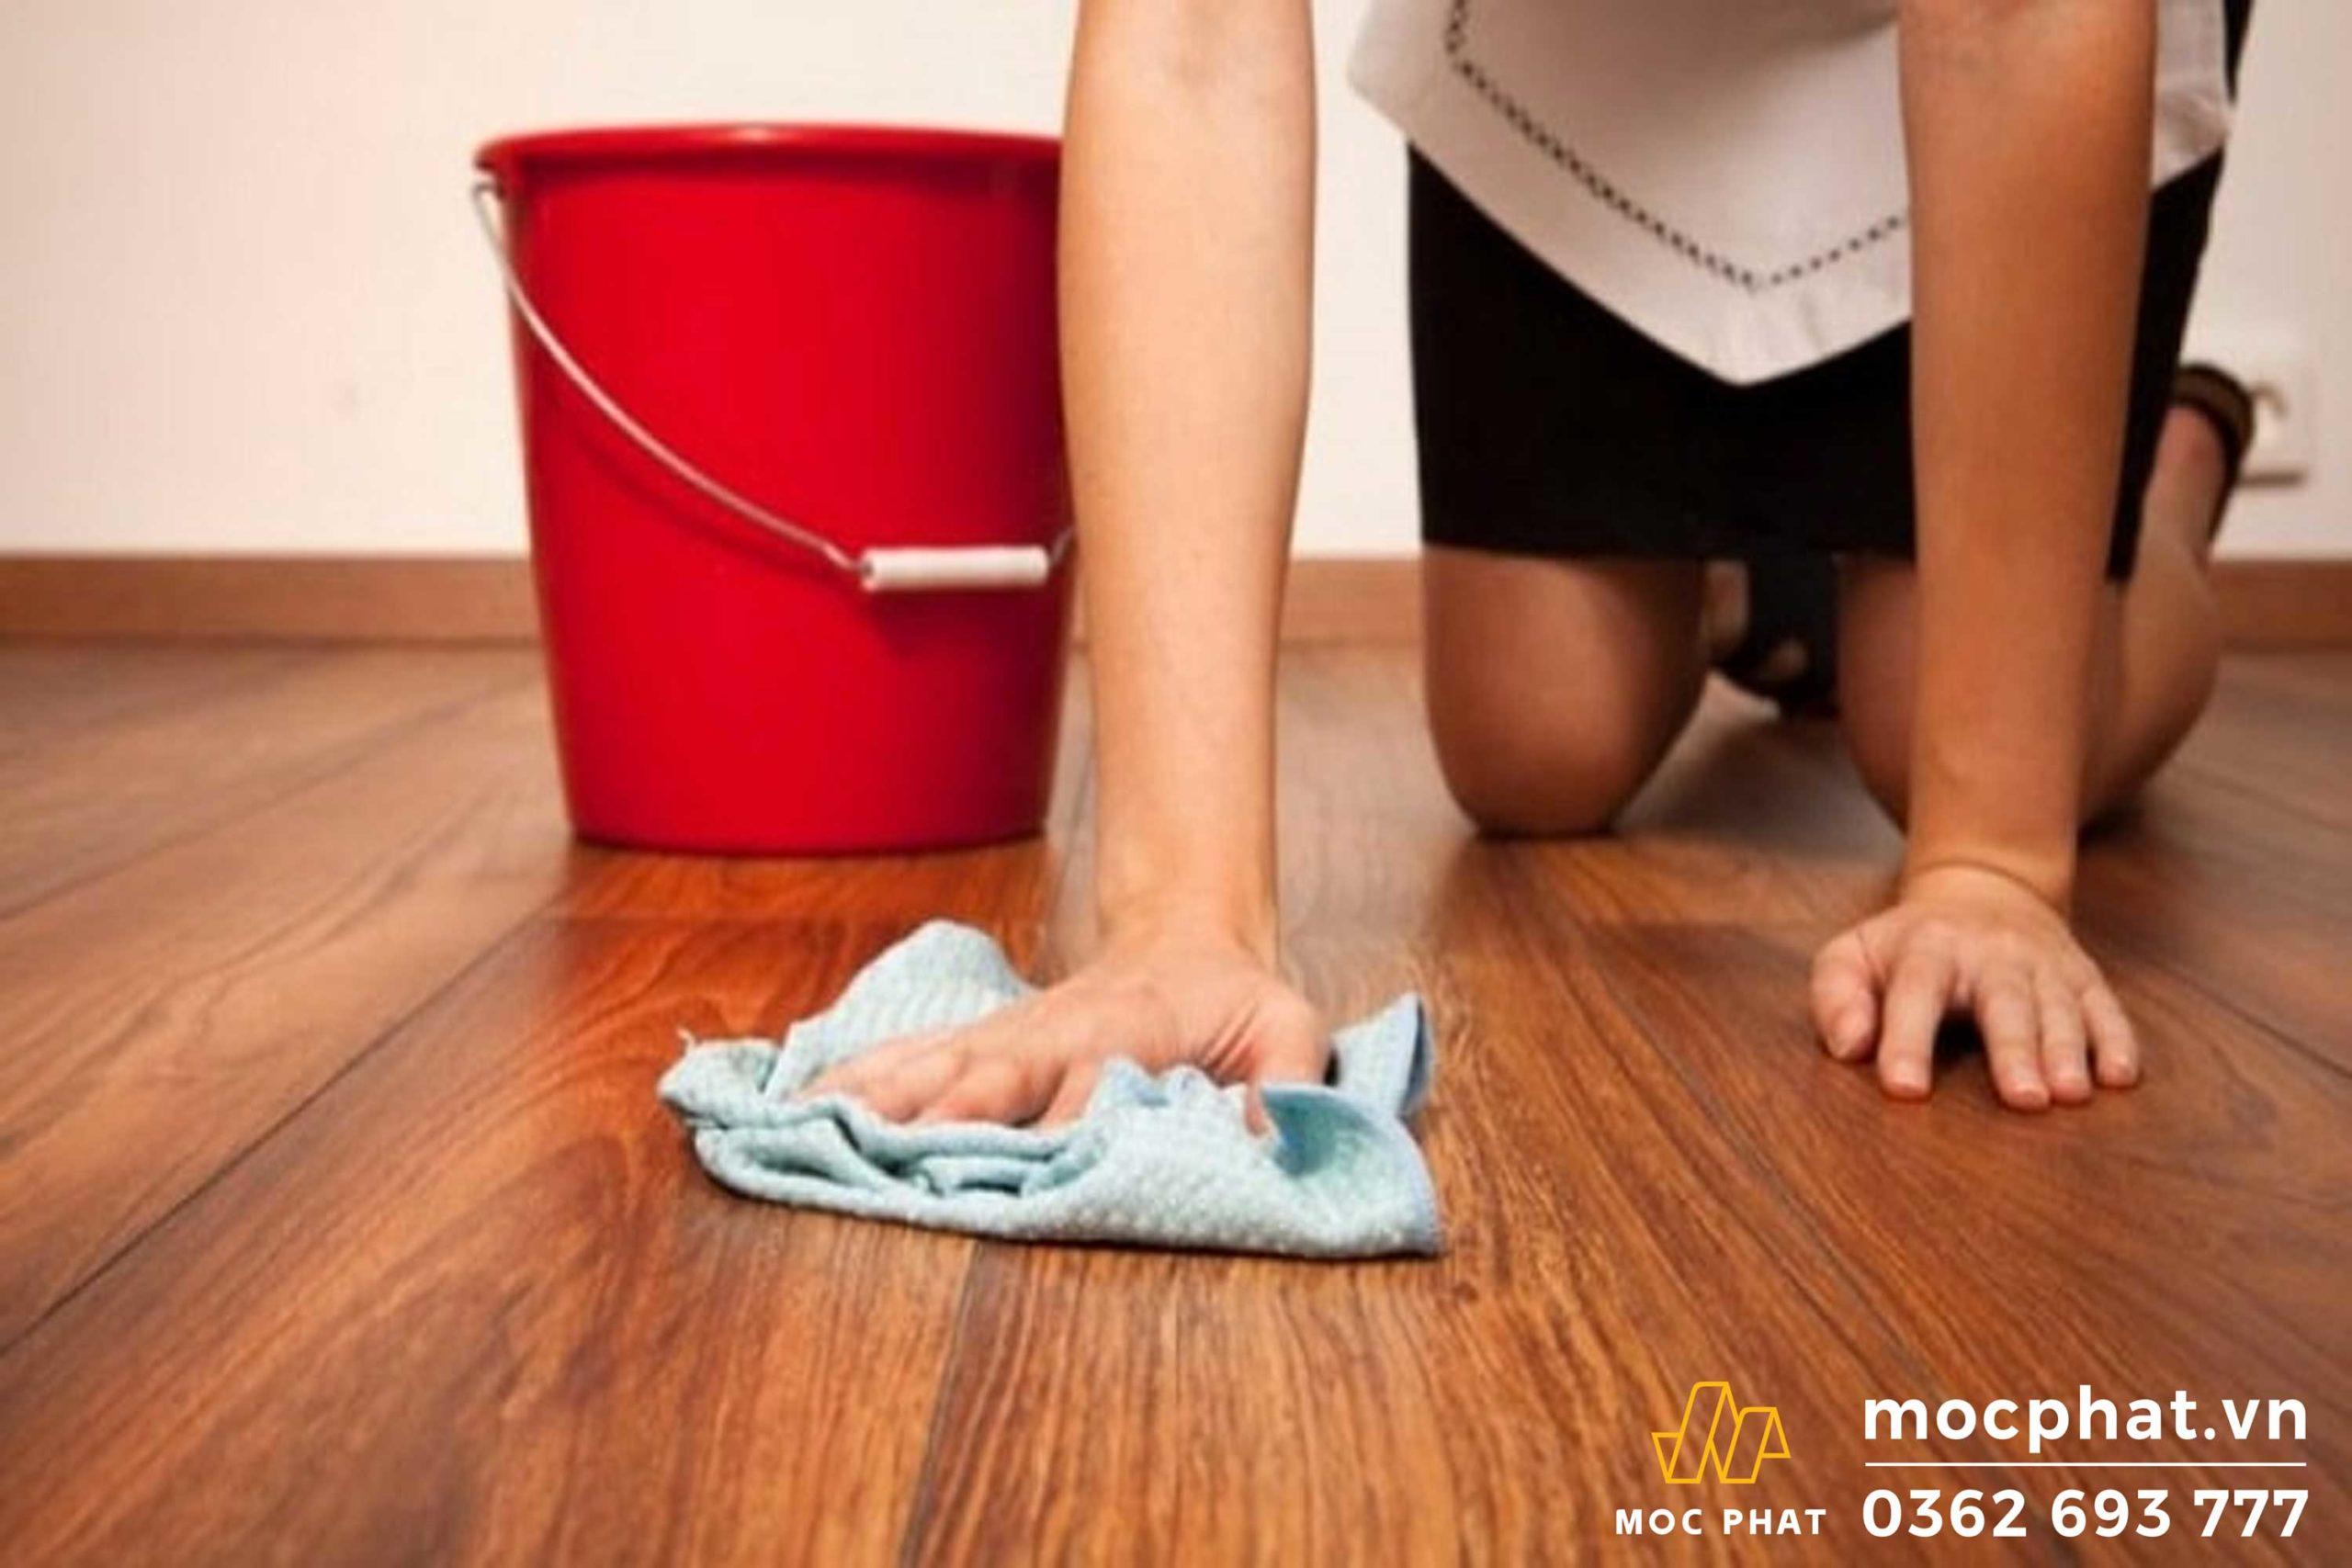 Lau sàn nhà không đúng cách khiến sàn gỗ trong nhà bị ngấm nước